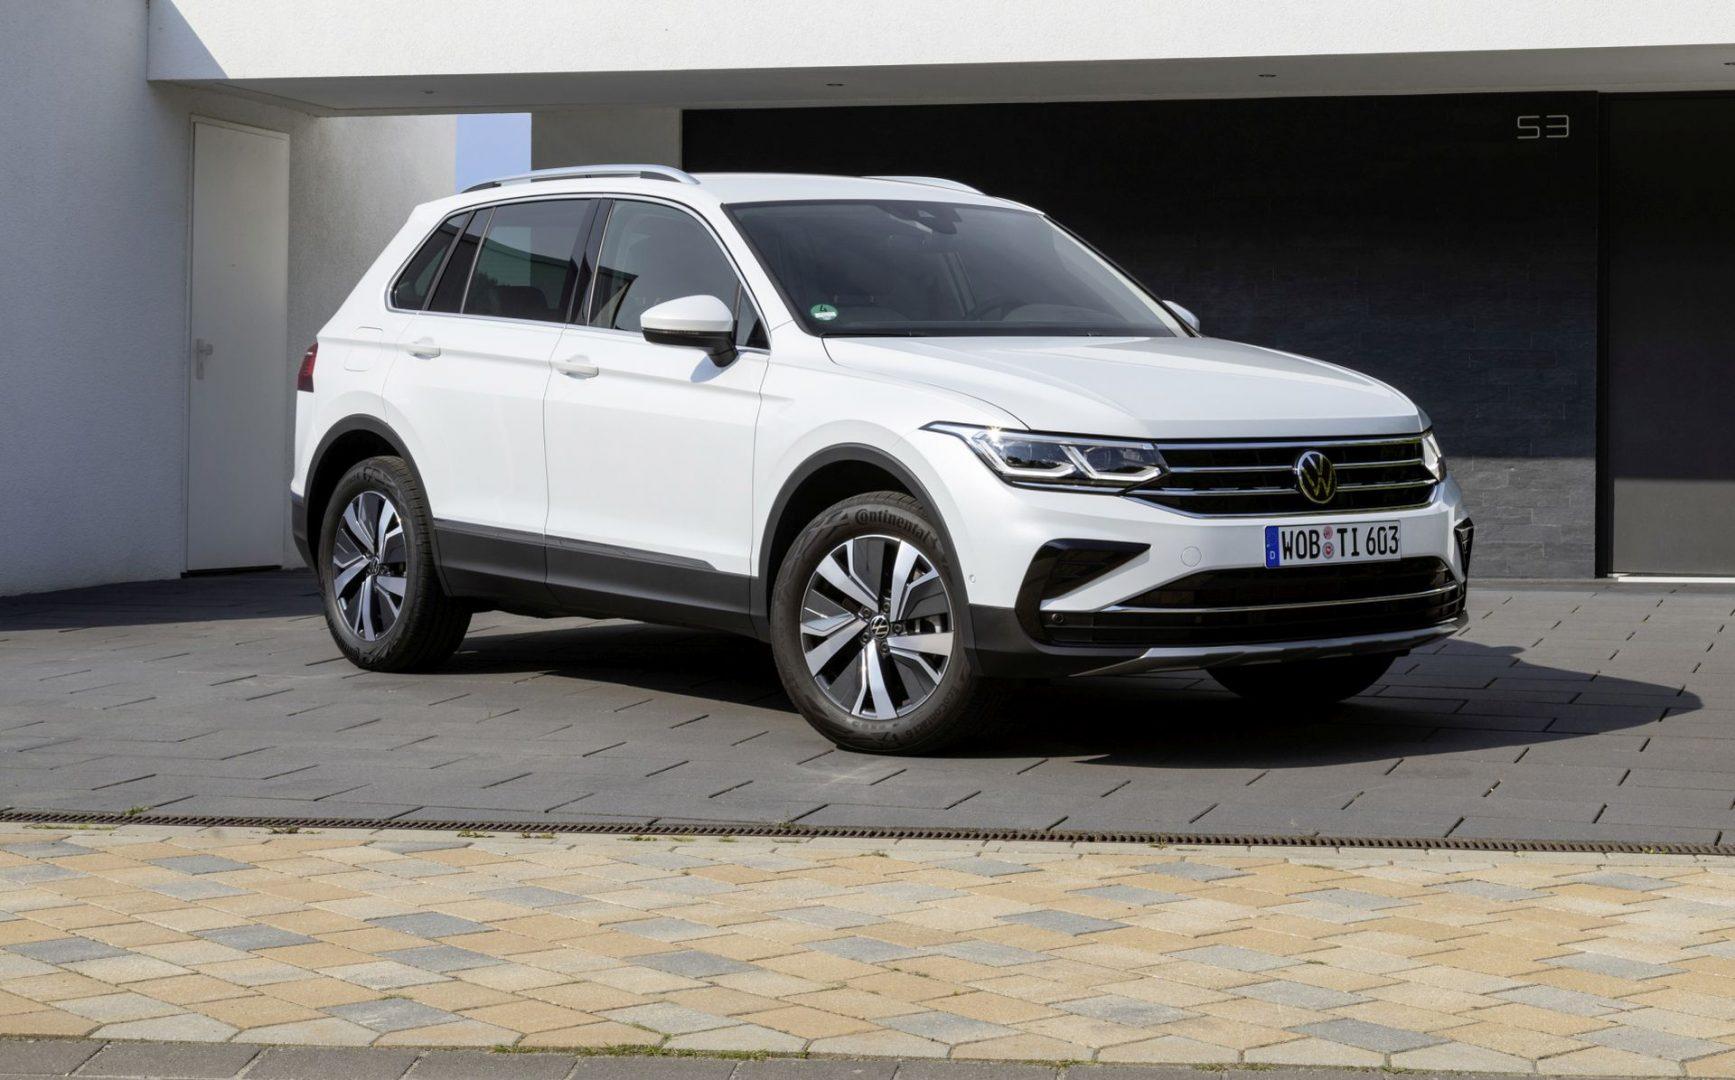 Stigao je plug-in hibrid Volkswagen Tiguan eHybrid s 245 KS